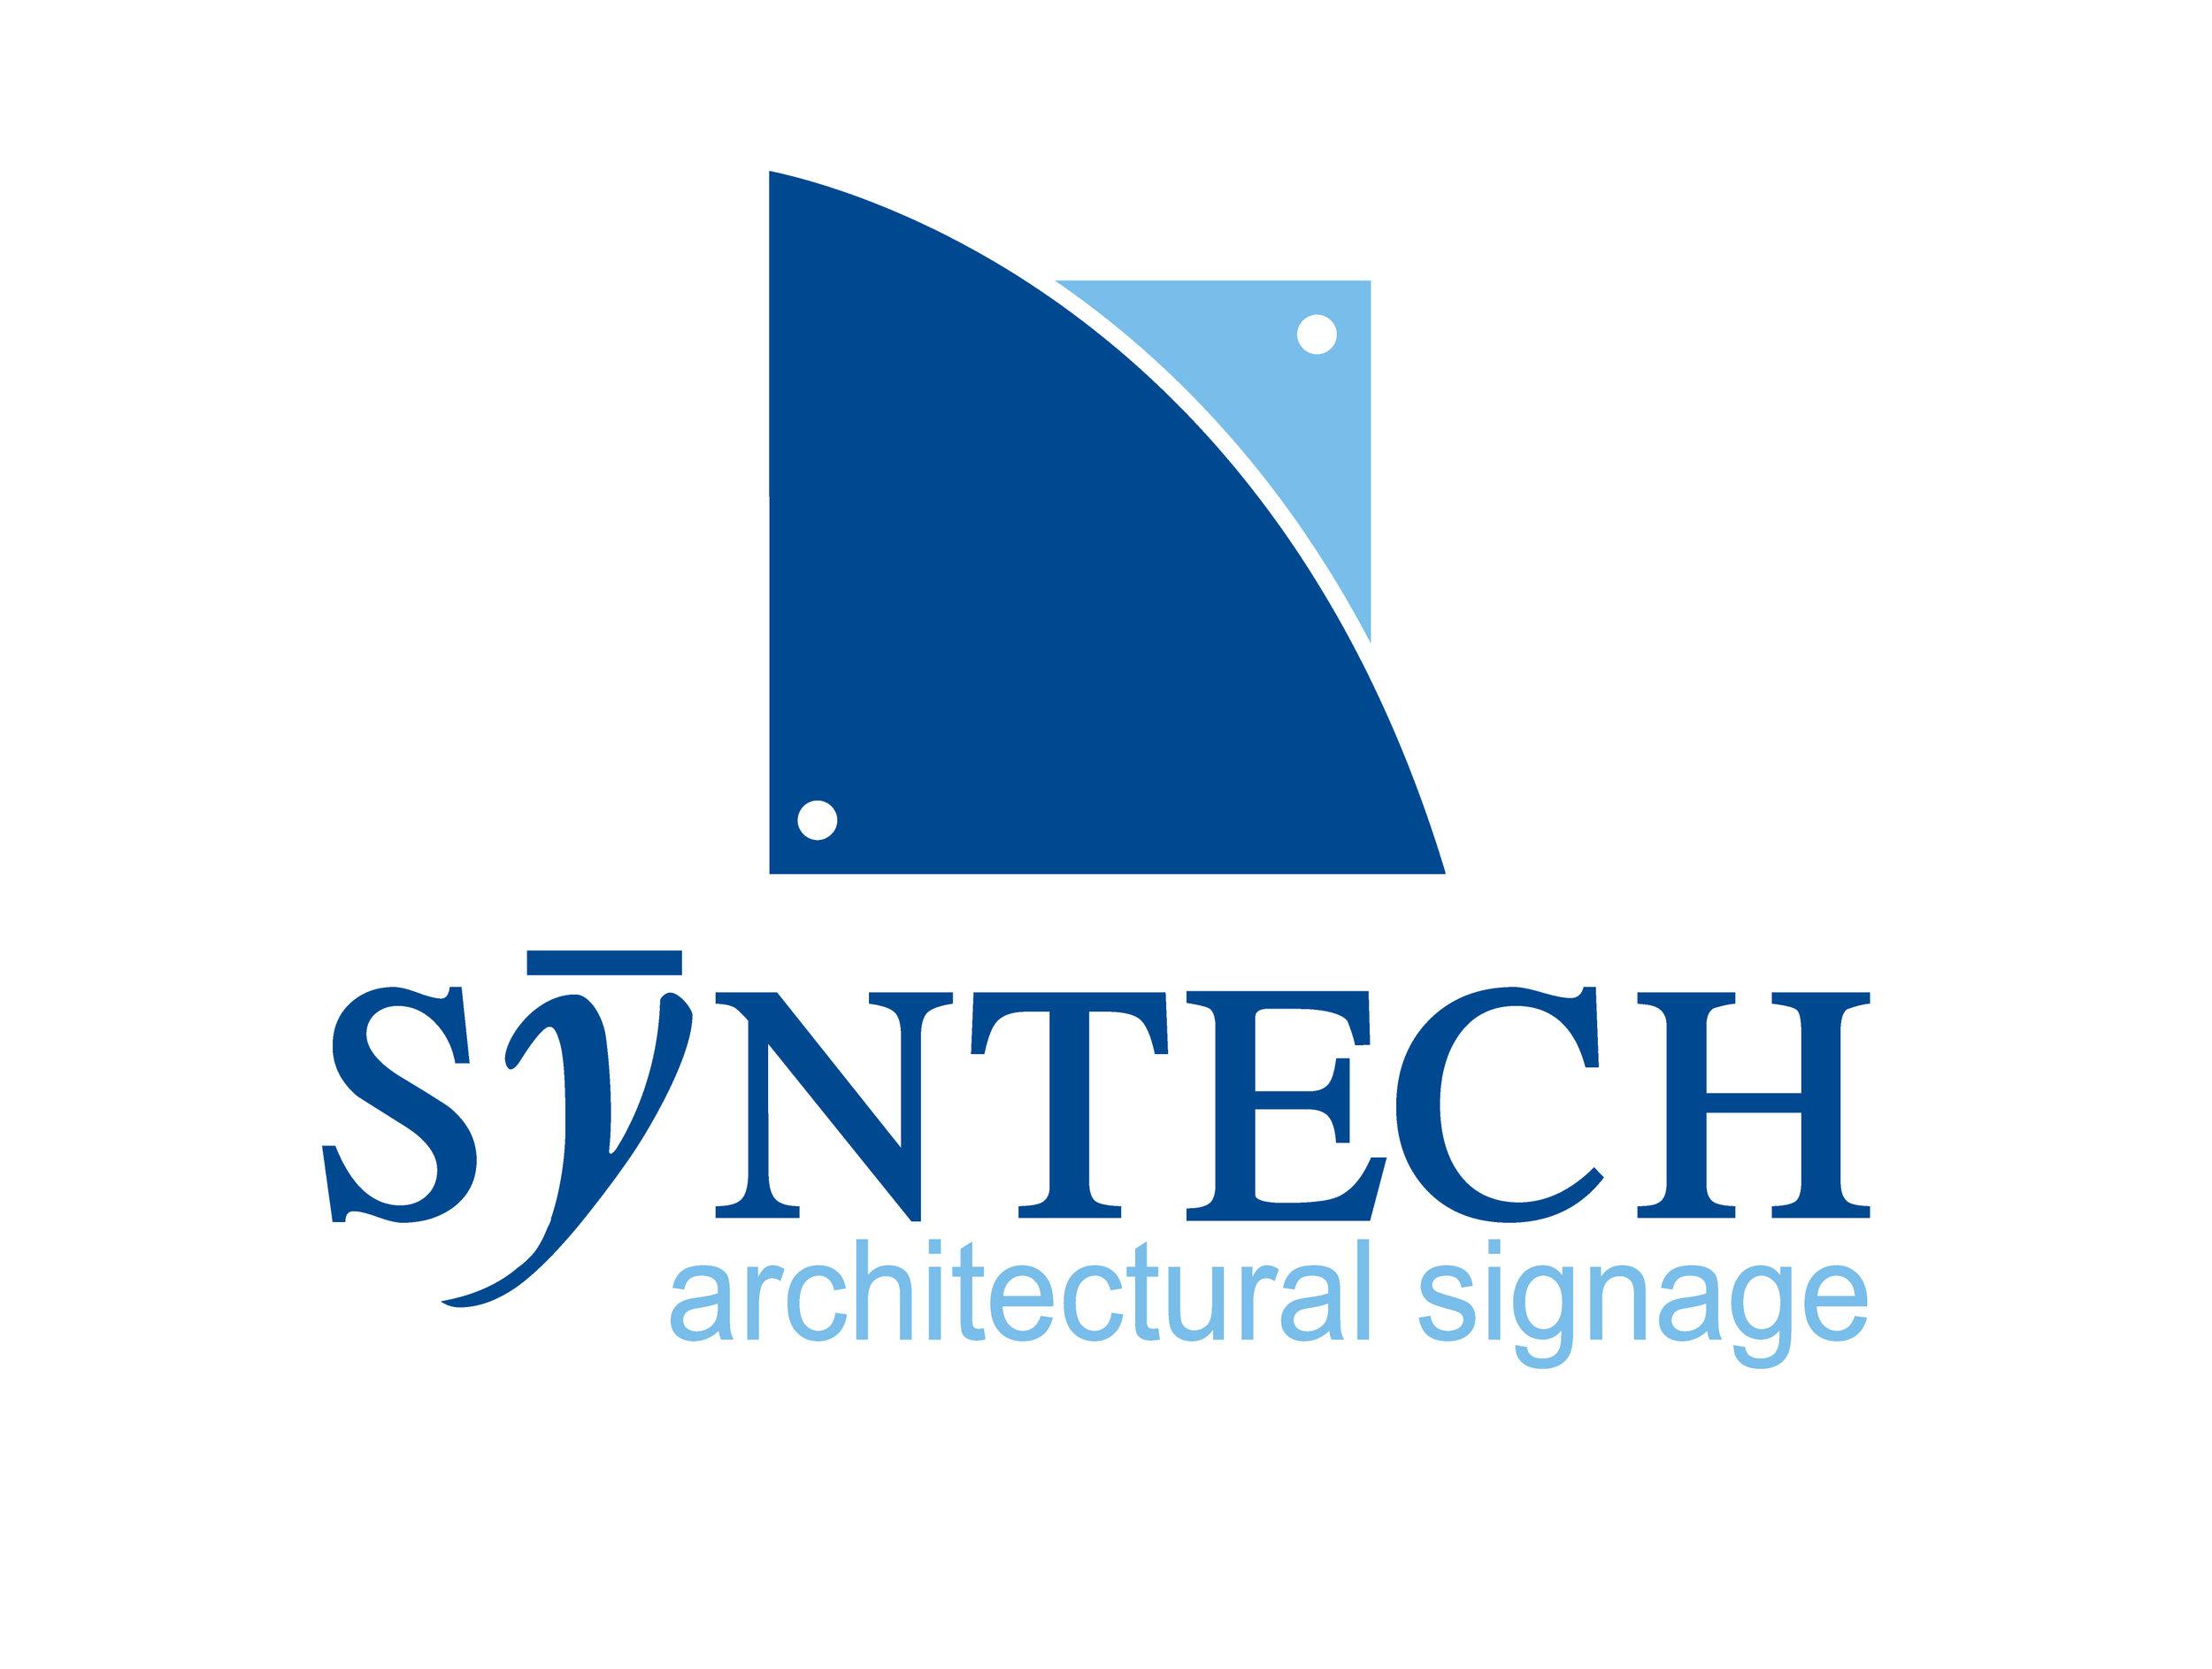 _SYNTECH-stacked-logo.jpg